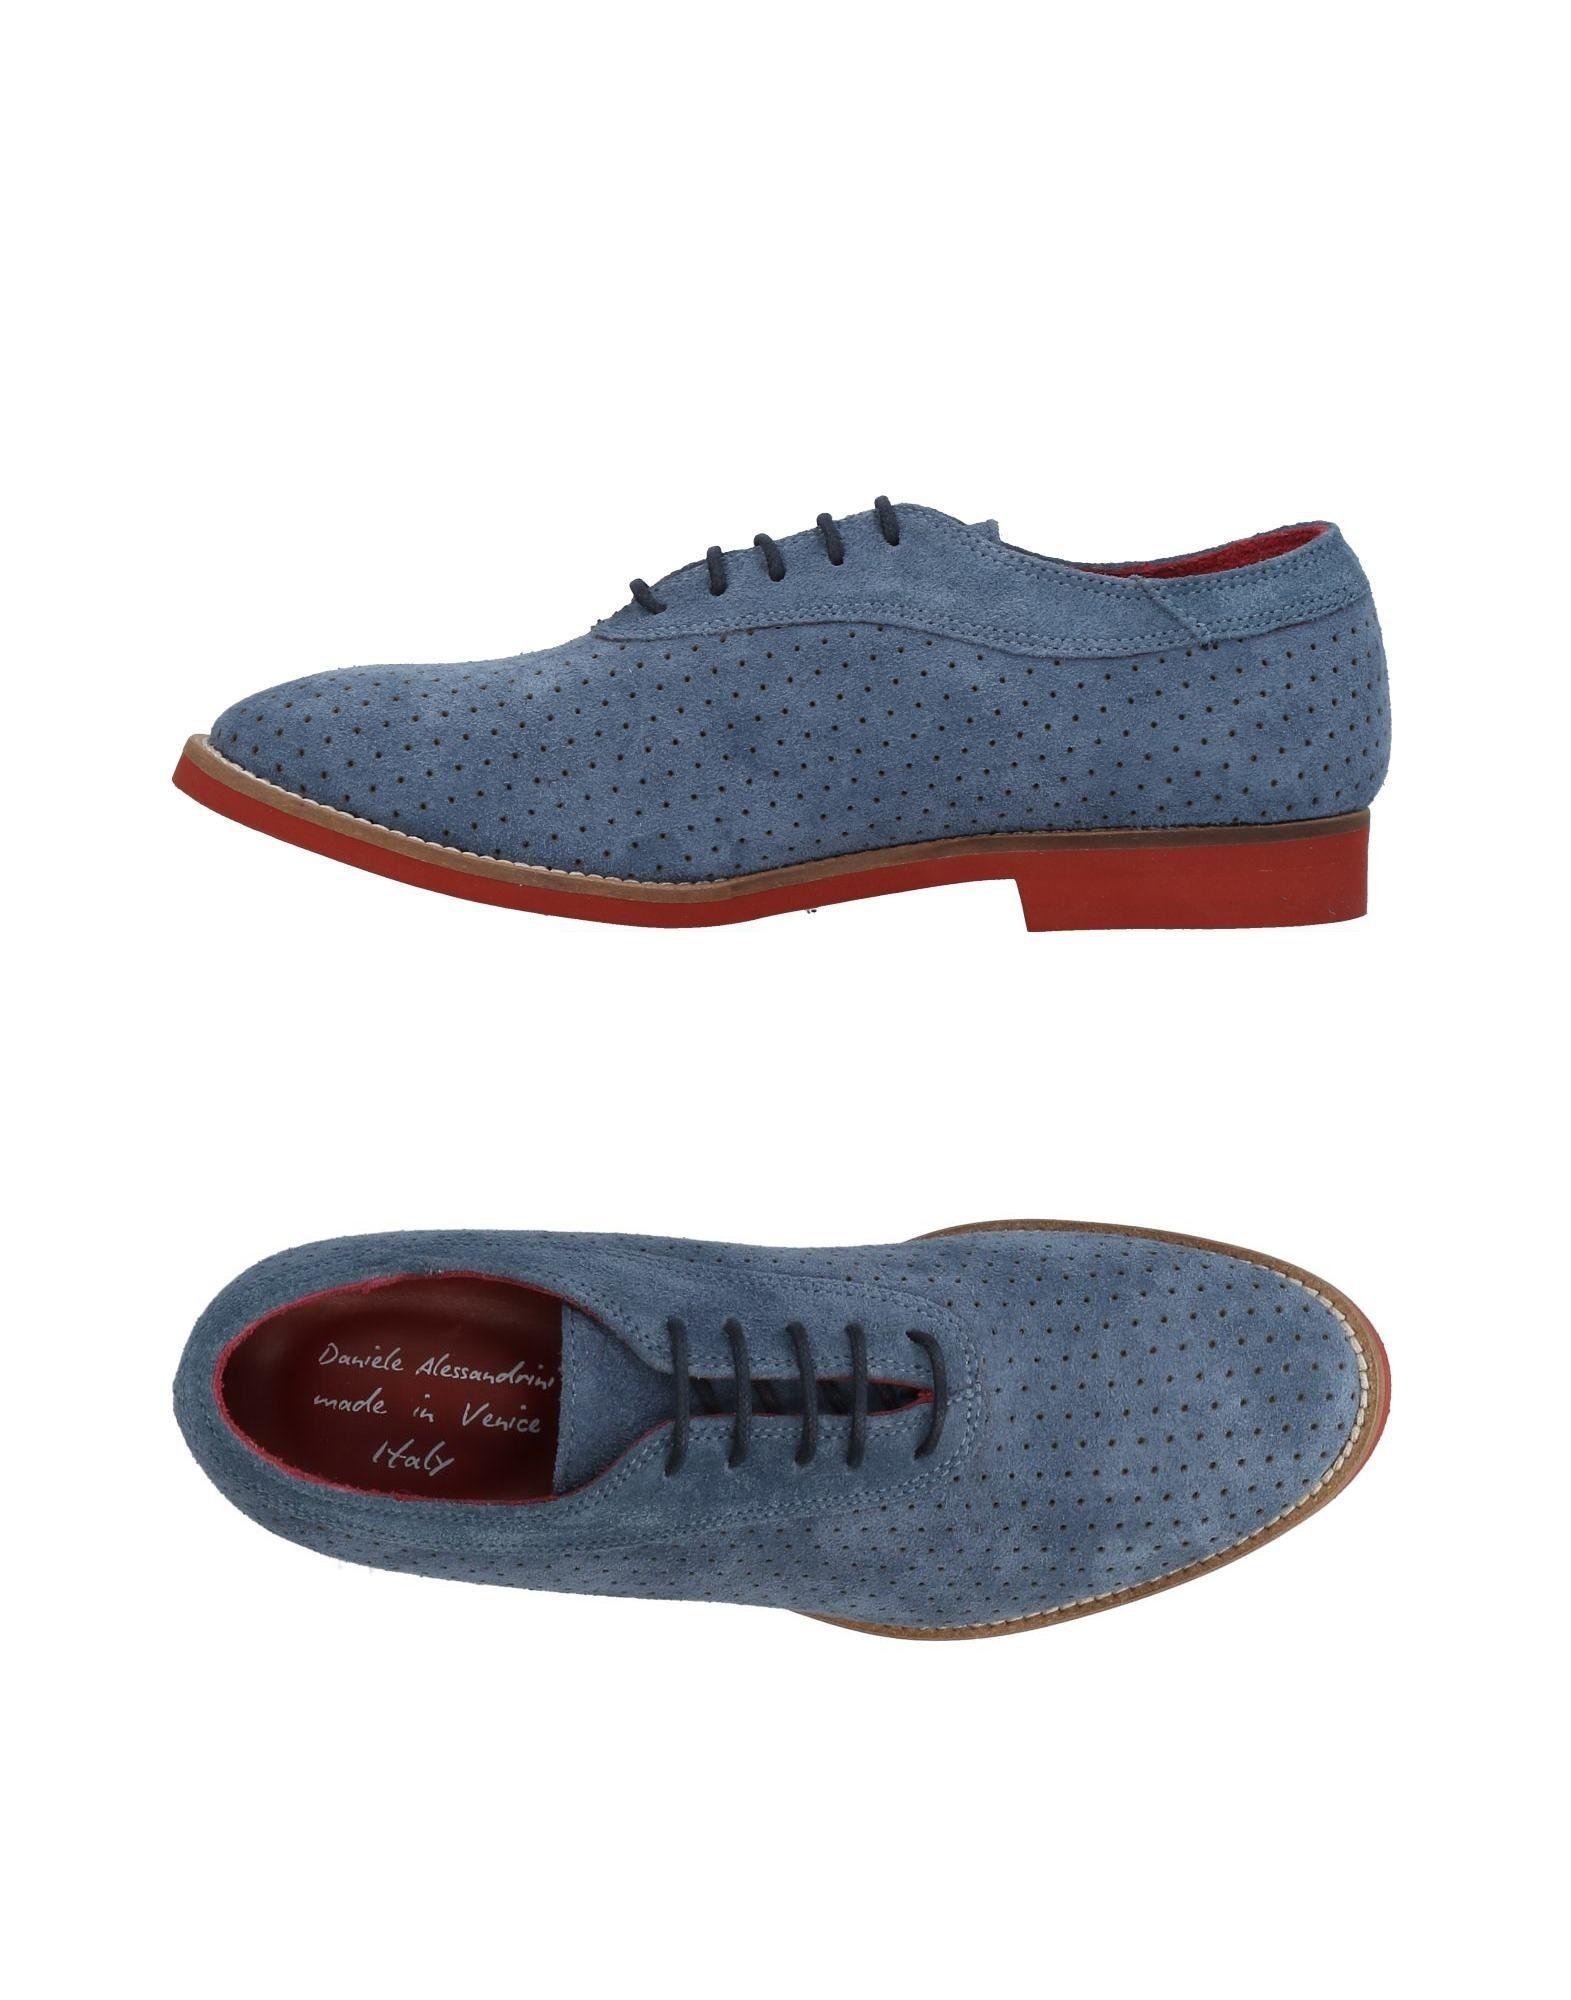 Chaussures À Lacets Daniele Alessandrini Femme - Chaussures À Lacets Daniele Alessandrini sur